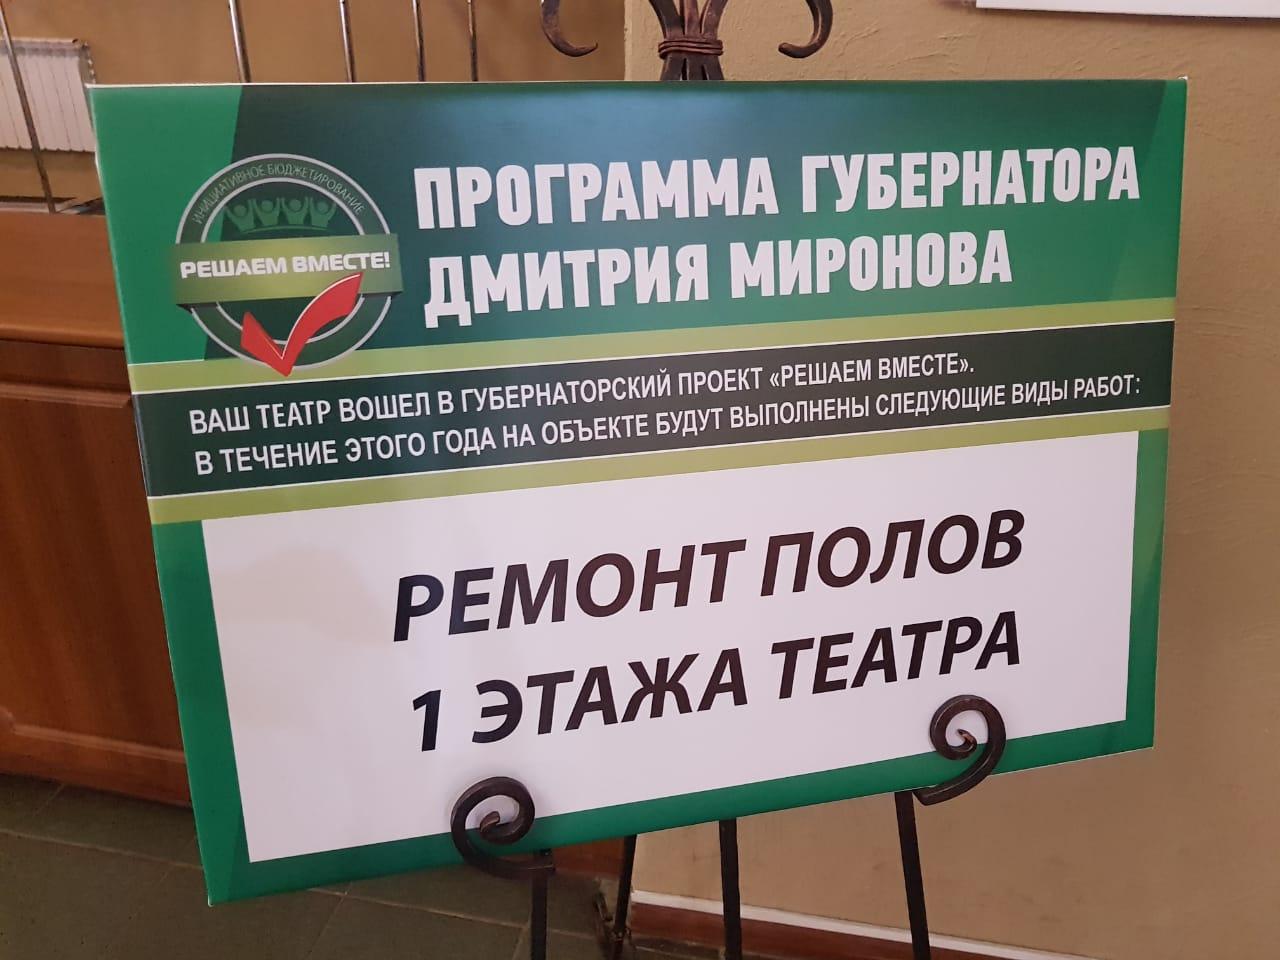 Дмитрий Миронов оценил ход ремонта в Рыбинском драматическом театре, который должны завершить к августу